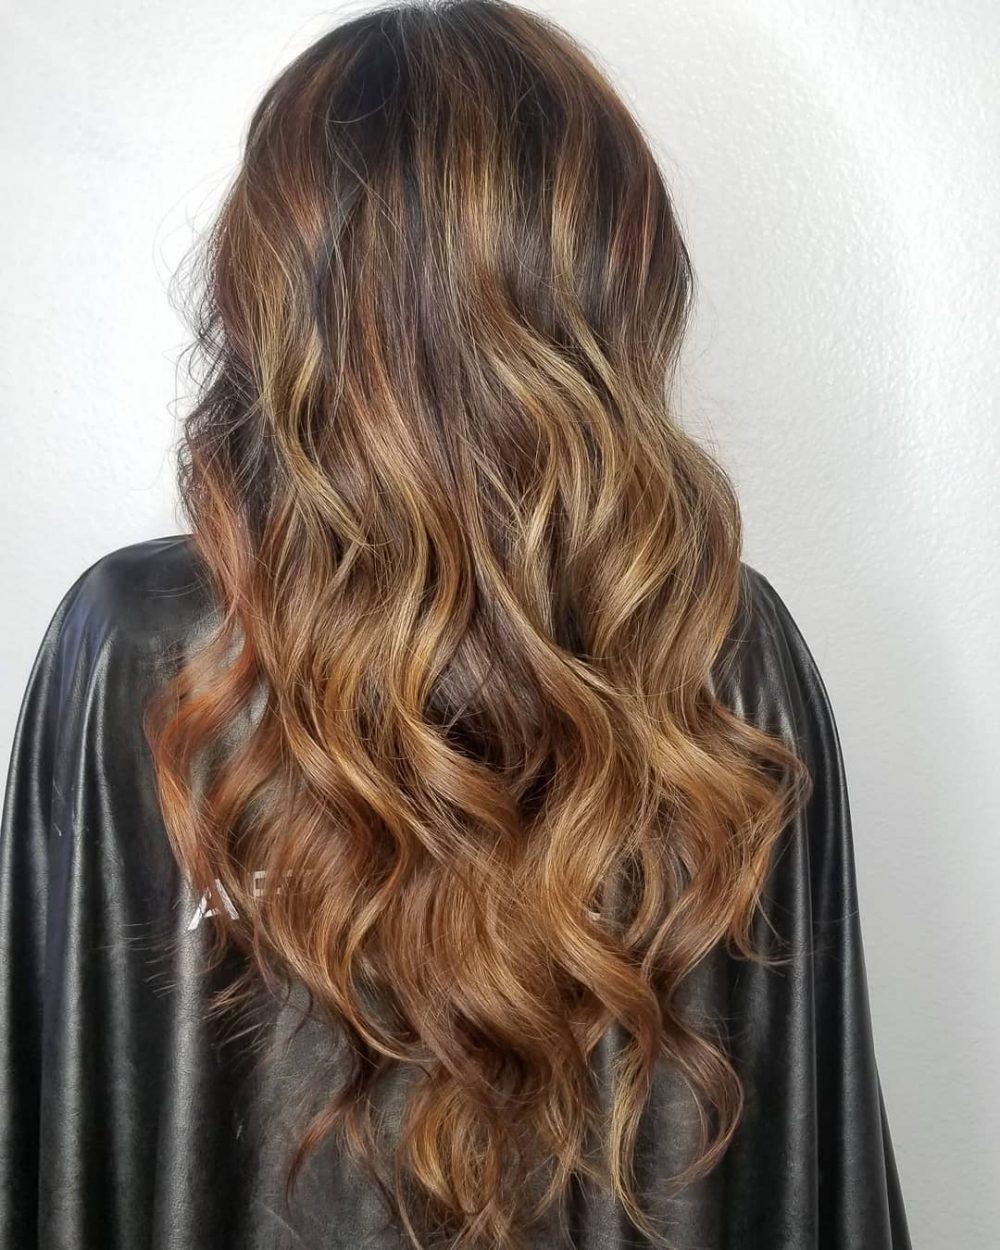 Cheveux bruns cuivrés dorés clairs